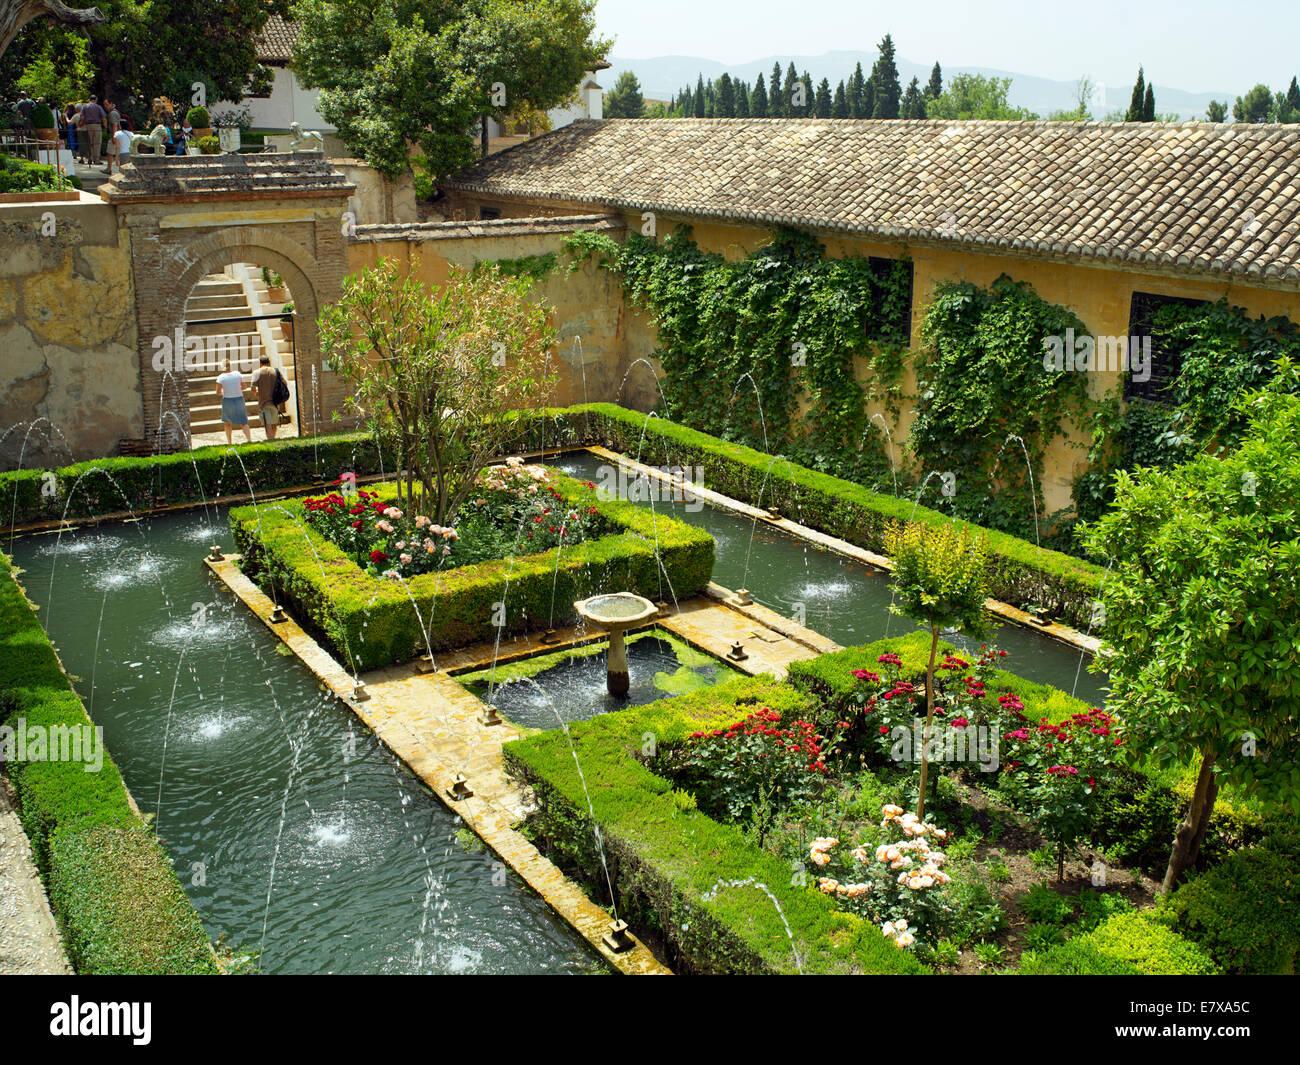 The jardin de la sultana in generalife stock photo for Jardines generalife